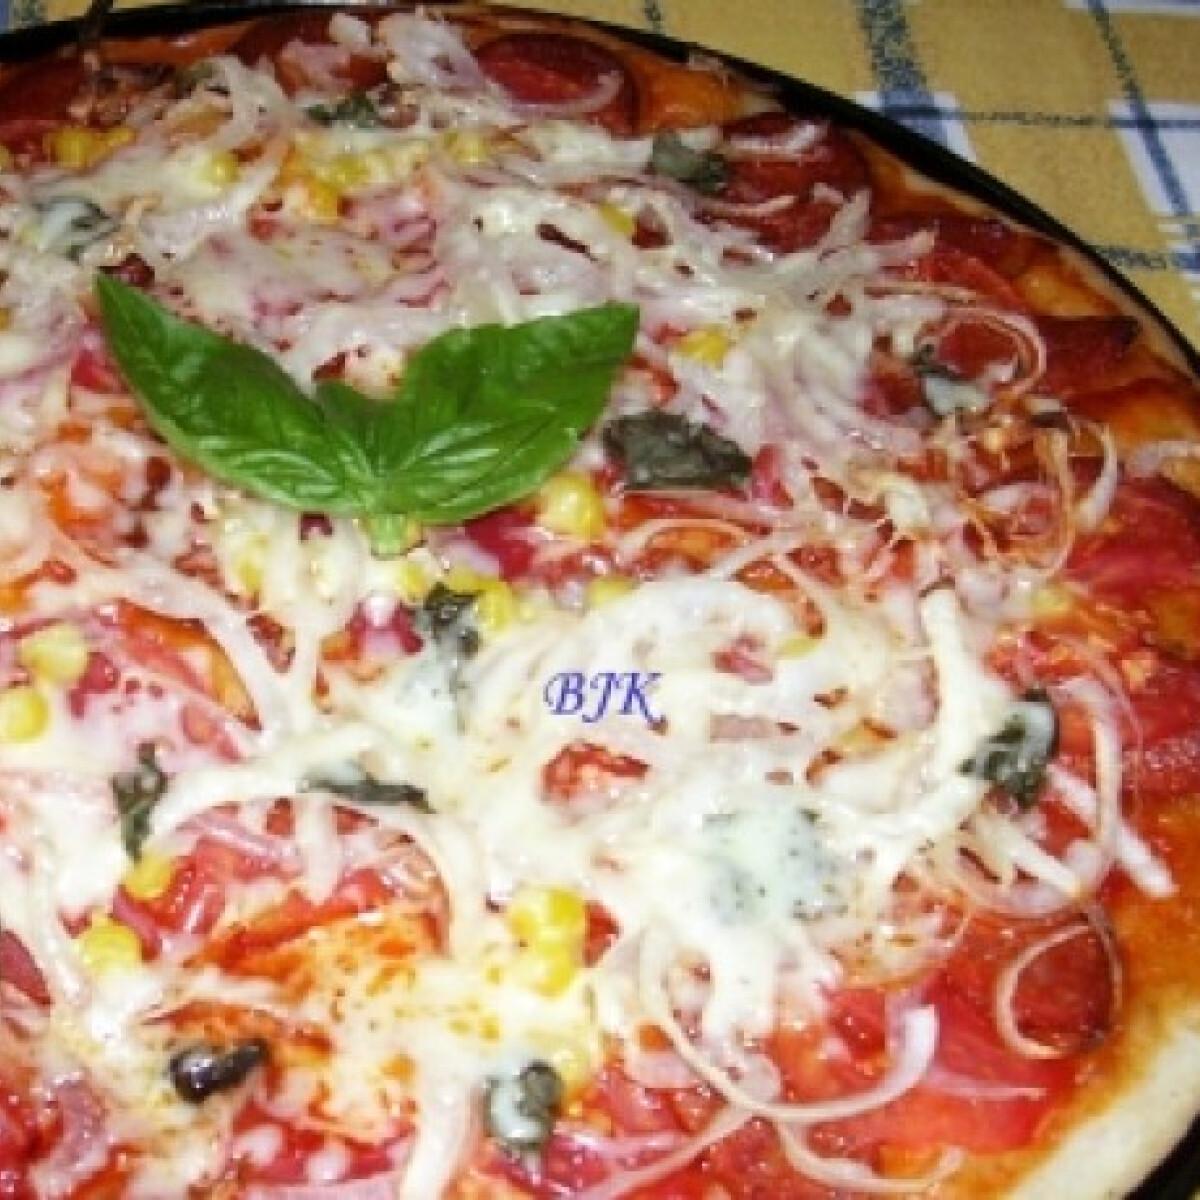 Pizza ahogy bjkata készíti